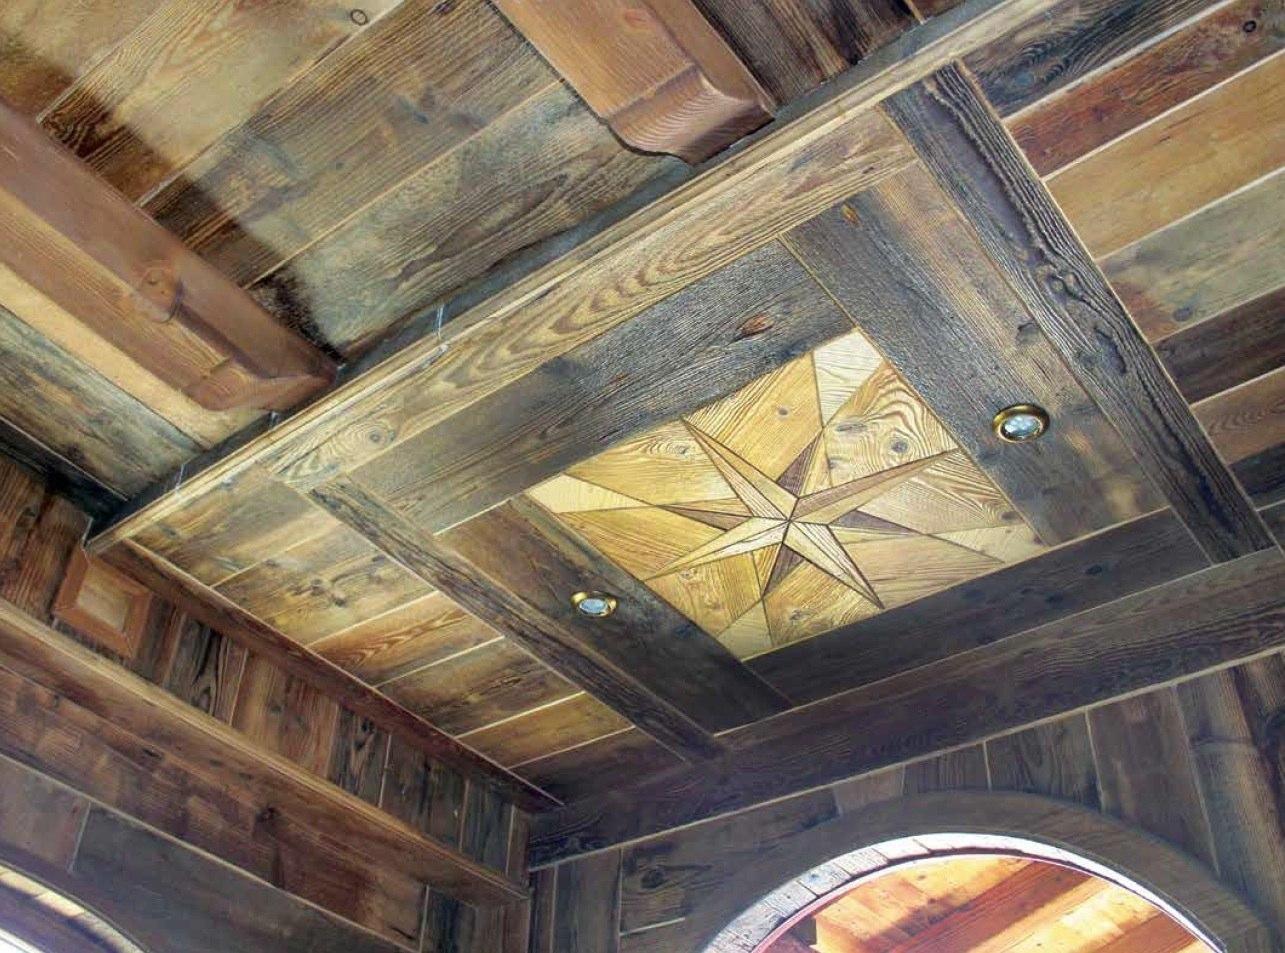 Soffitto In Legno Finto : Ambienti rivestimenti in legno antico vecchio di recupero effetto